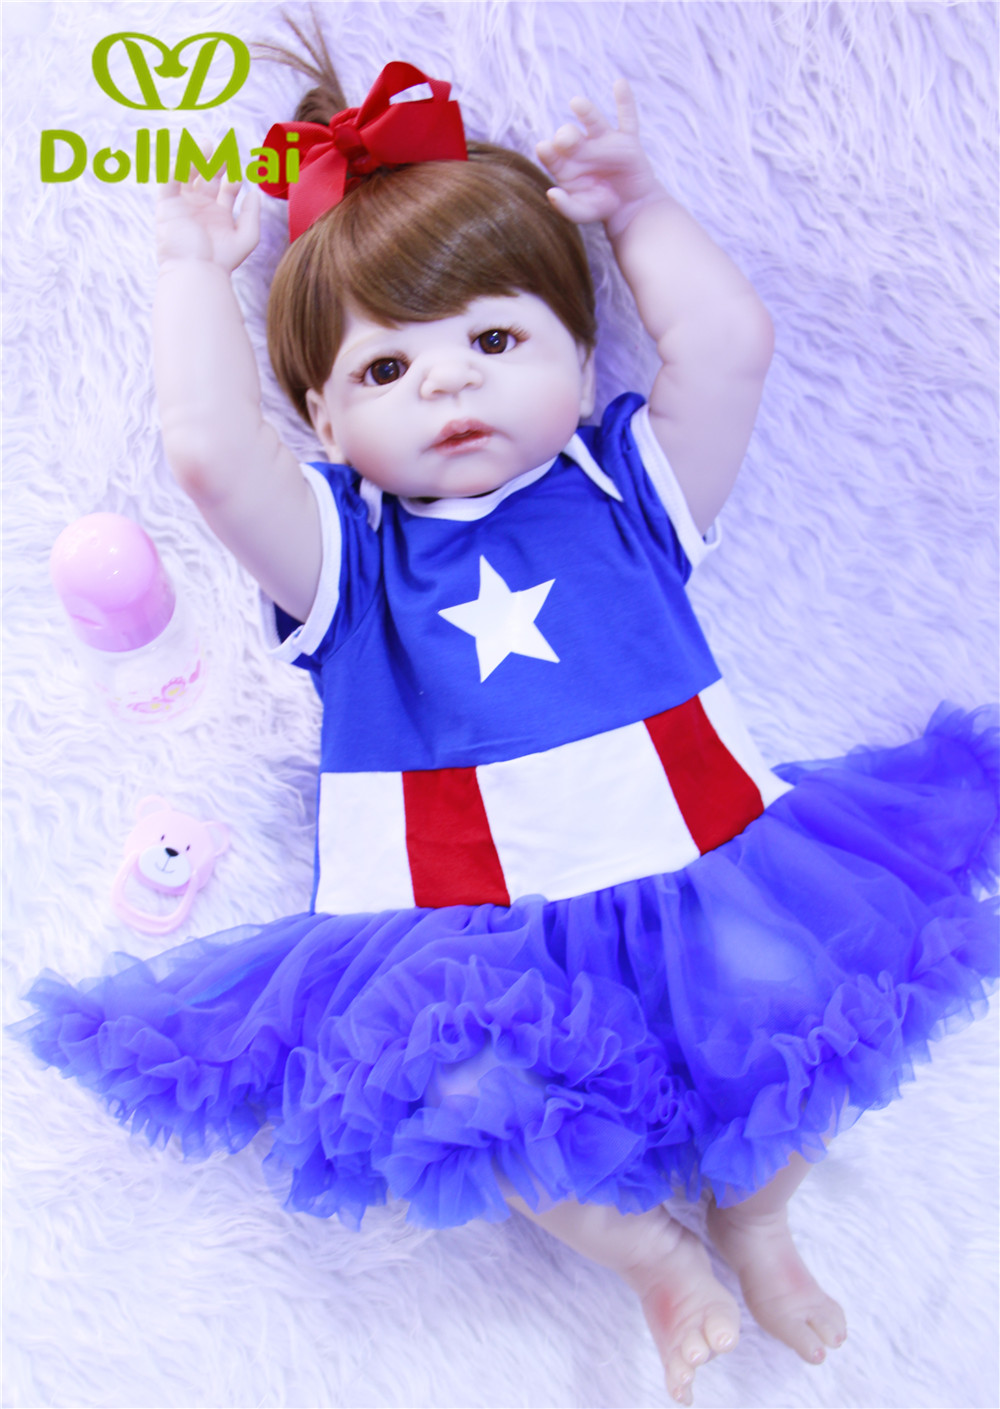 Bebes reborn poupée silicone reborn reborn bébé poupées lol poupée brinquedos boneca reborn cadeau de noël pour fille anniversaire DOLLMAI - 5